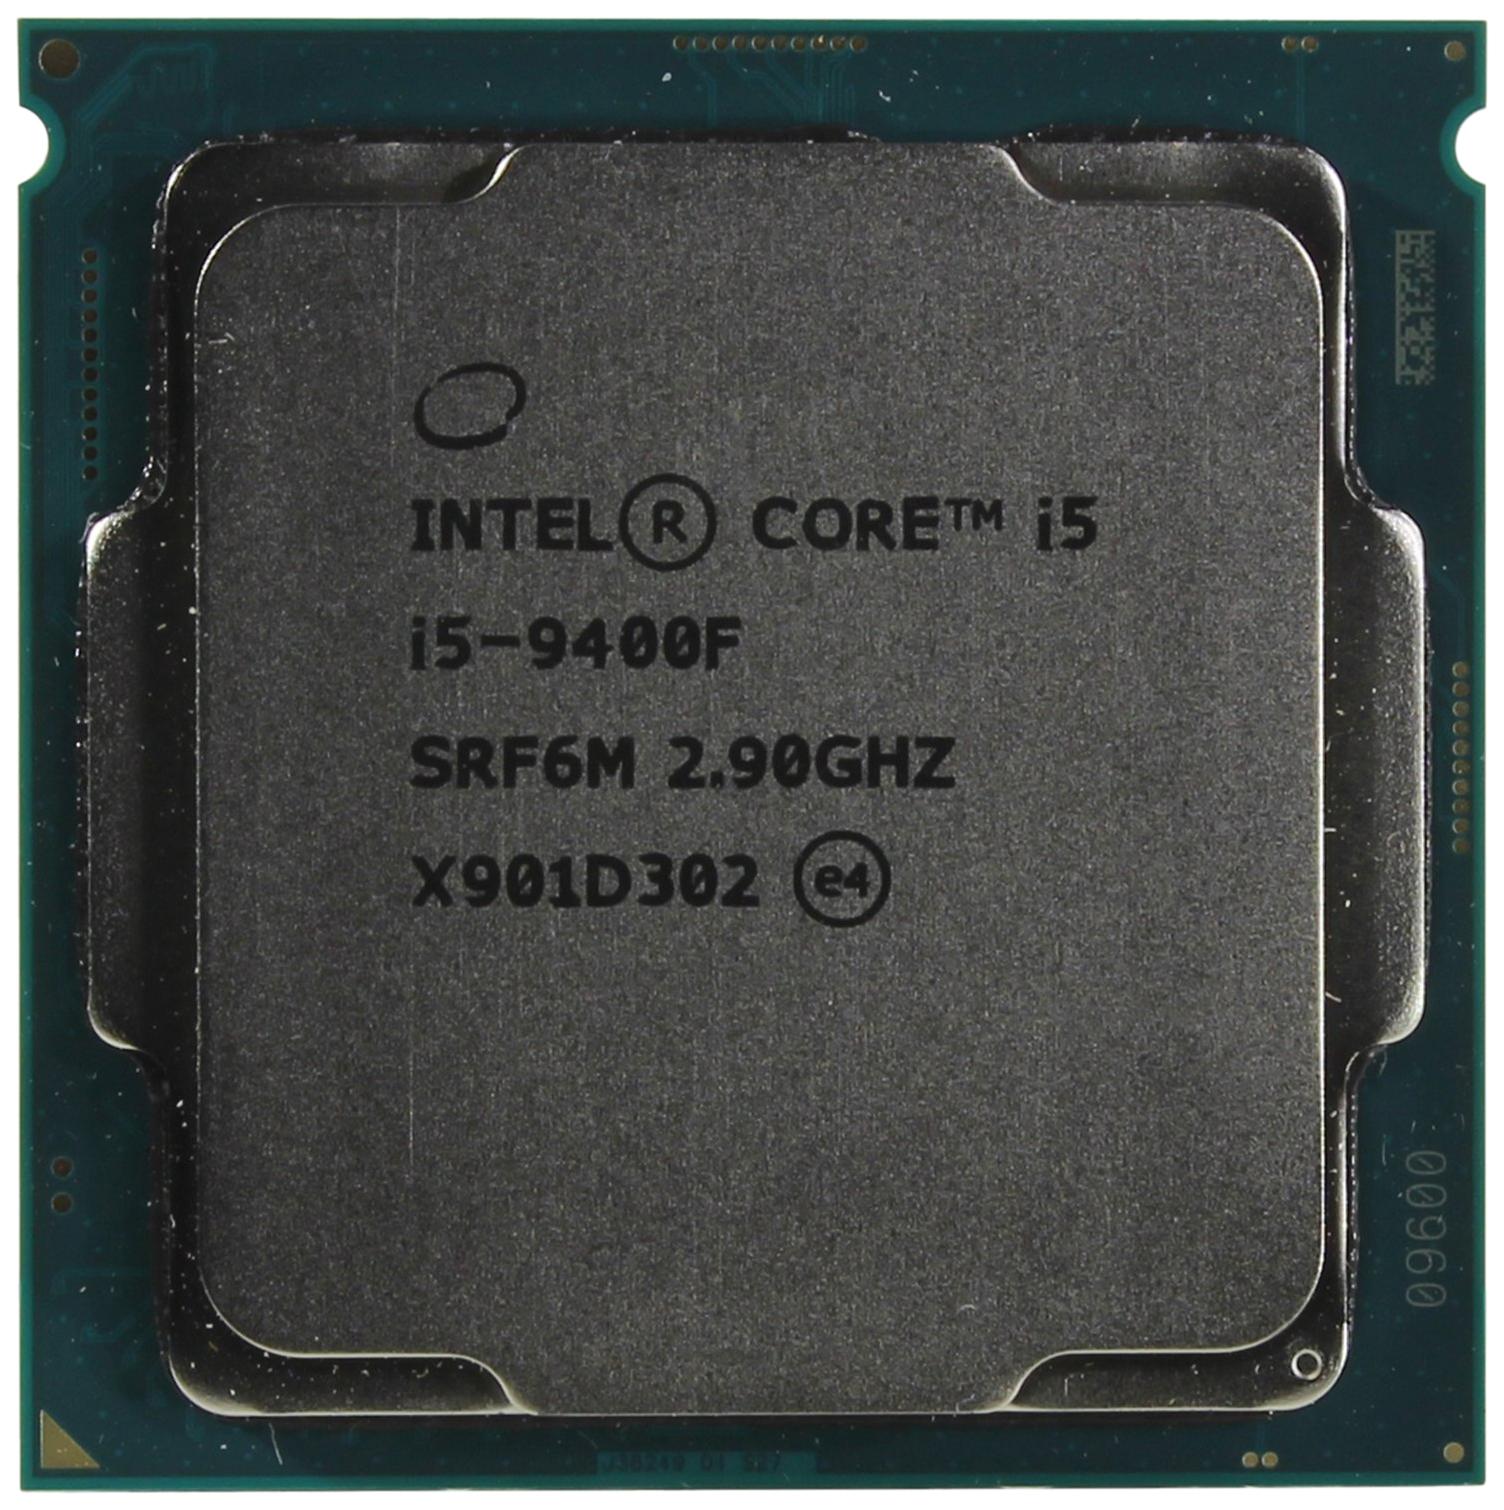 INTEL 9400F